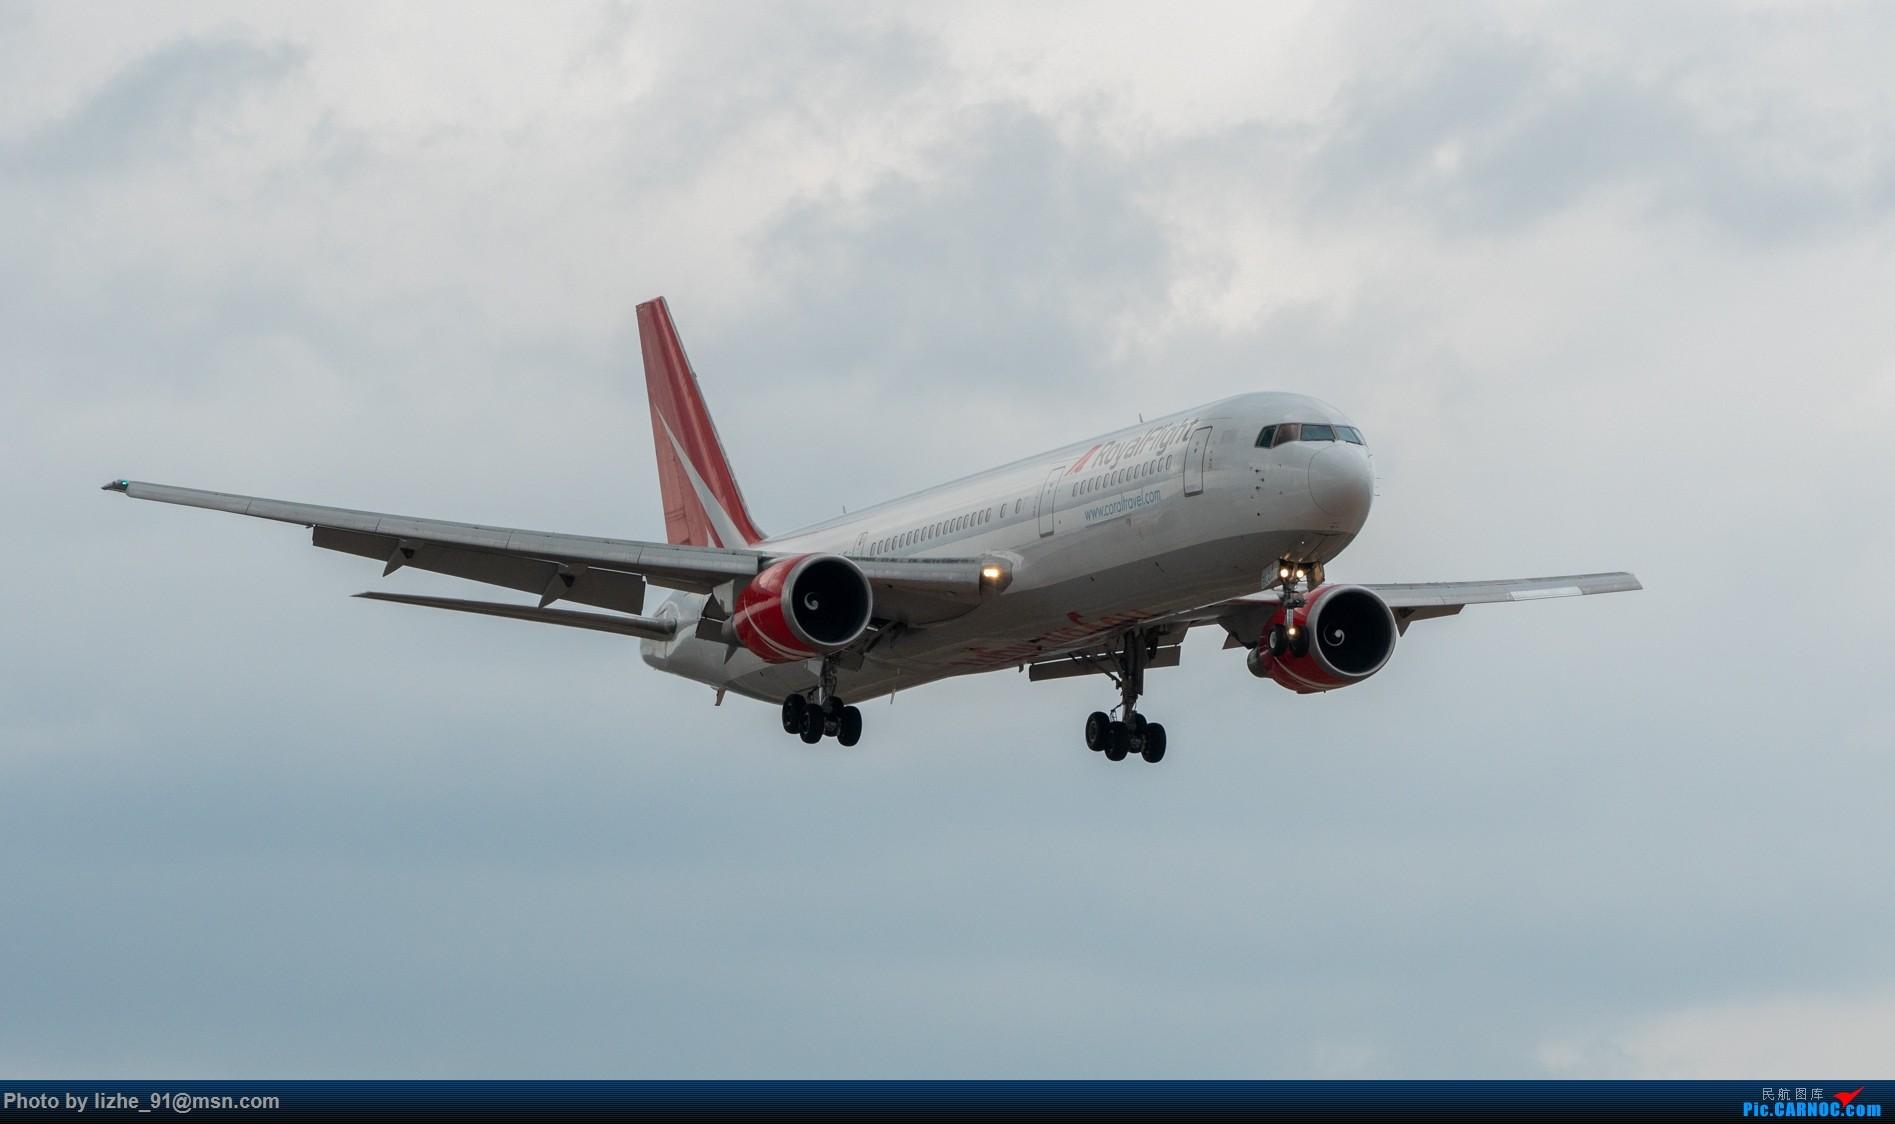 [原创]俄罗斯皇家航空贵阳直飞俄罗斯包机航班 BOEING 767-300 VP-BLC 中国贵阳龙洞堡国际机场